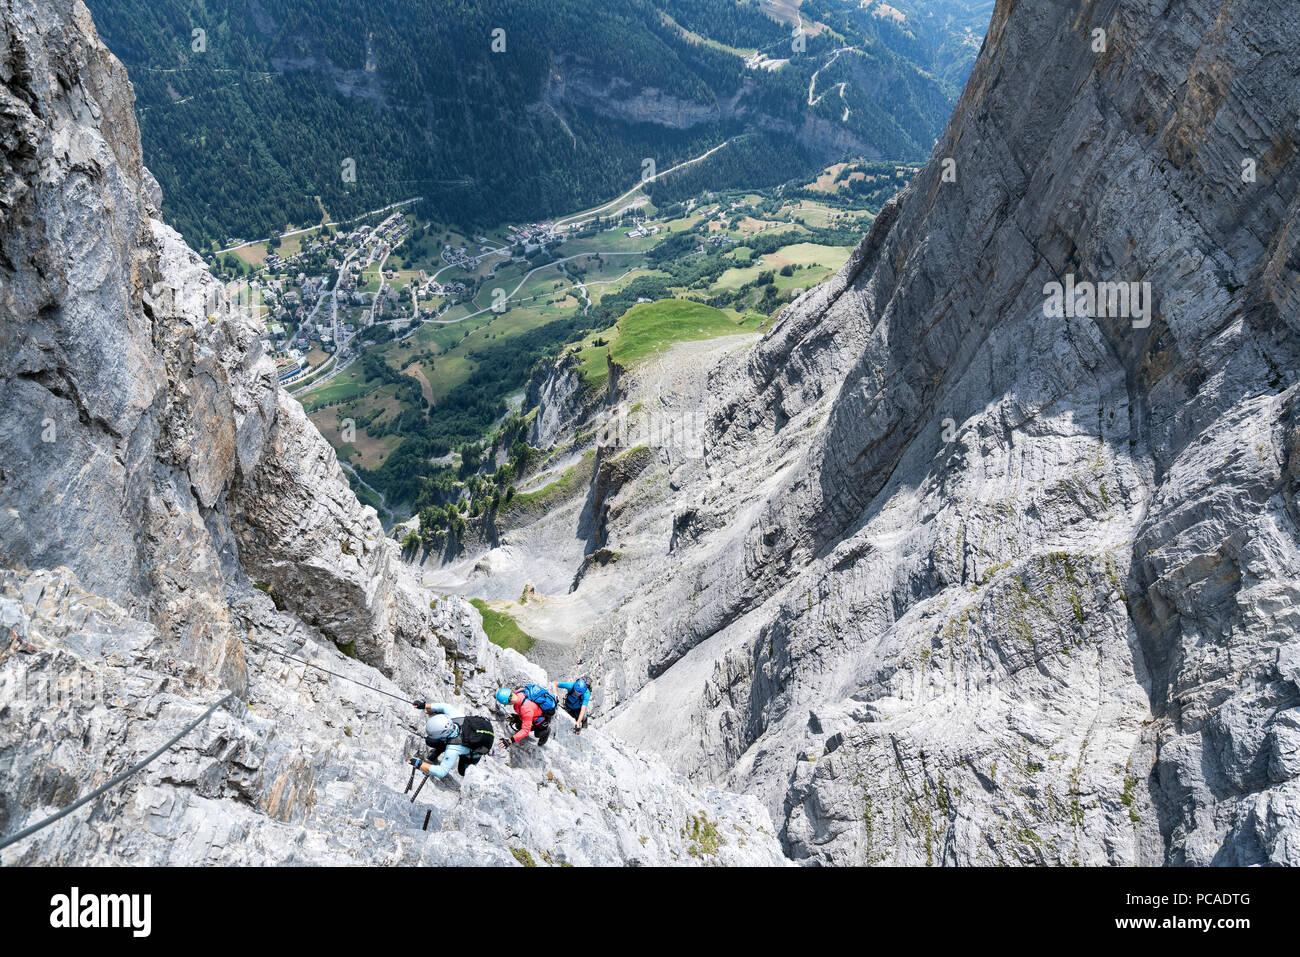 Klettersteig Leukerbad : Klettersteig gemmi wieder offen